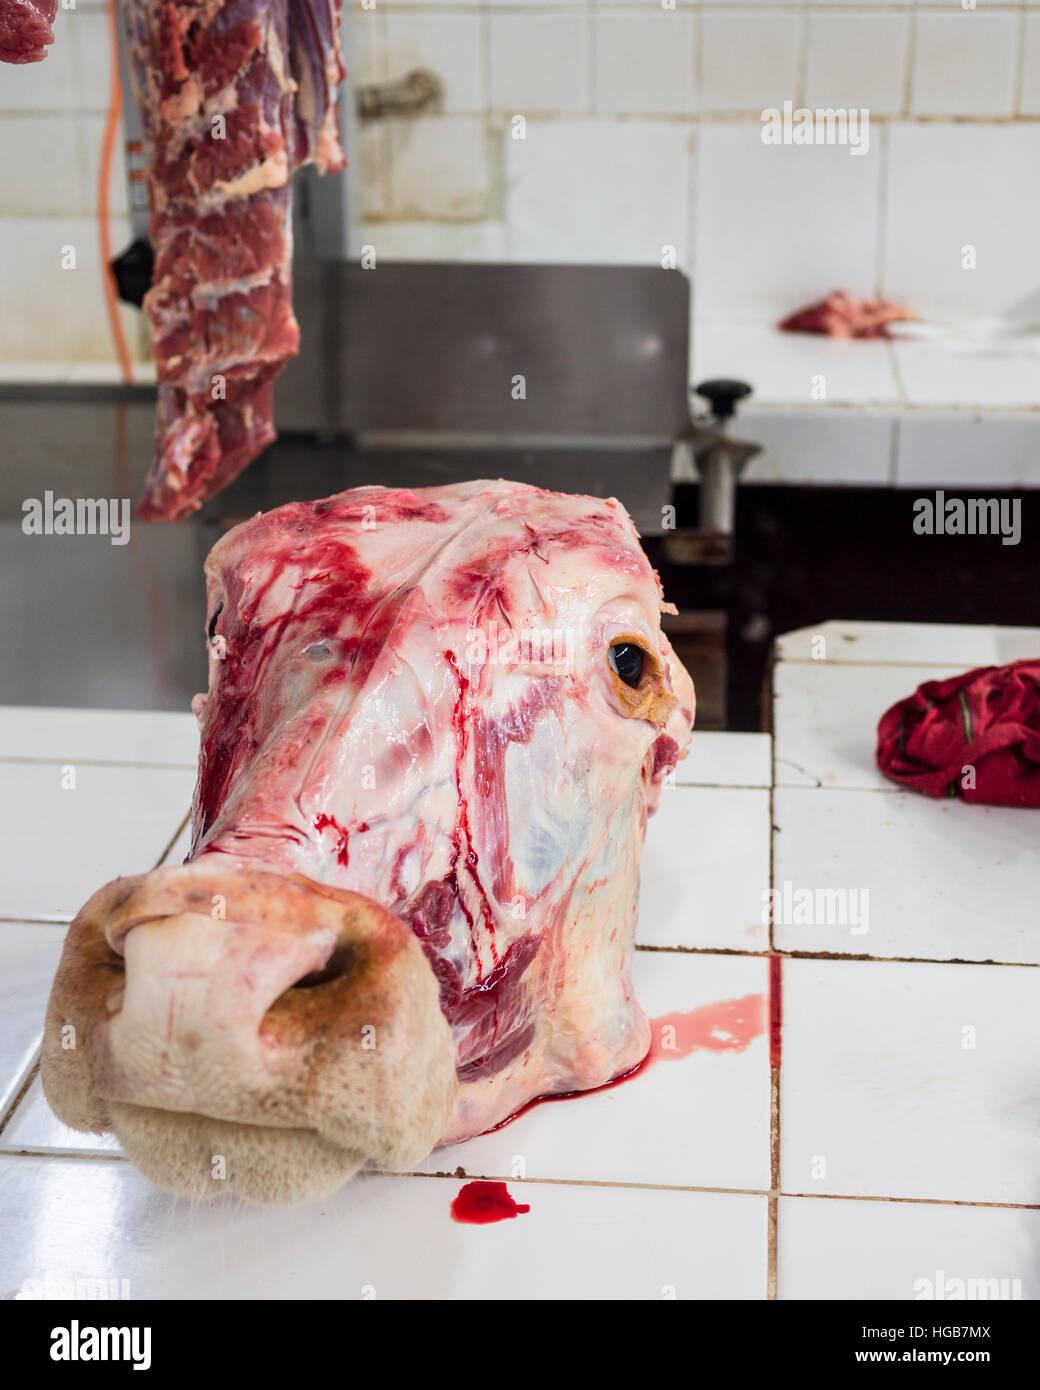 Kuh Kopf tropft Blut gehäutet. Ein abgeschlachtet durchtrennt Kuhkopf auf einem Zähler nach oben in Valladolid Stockbild